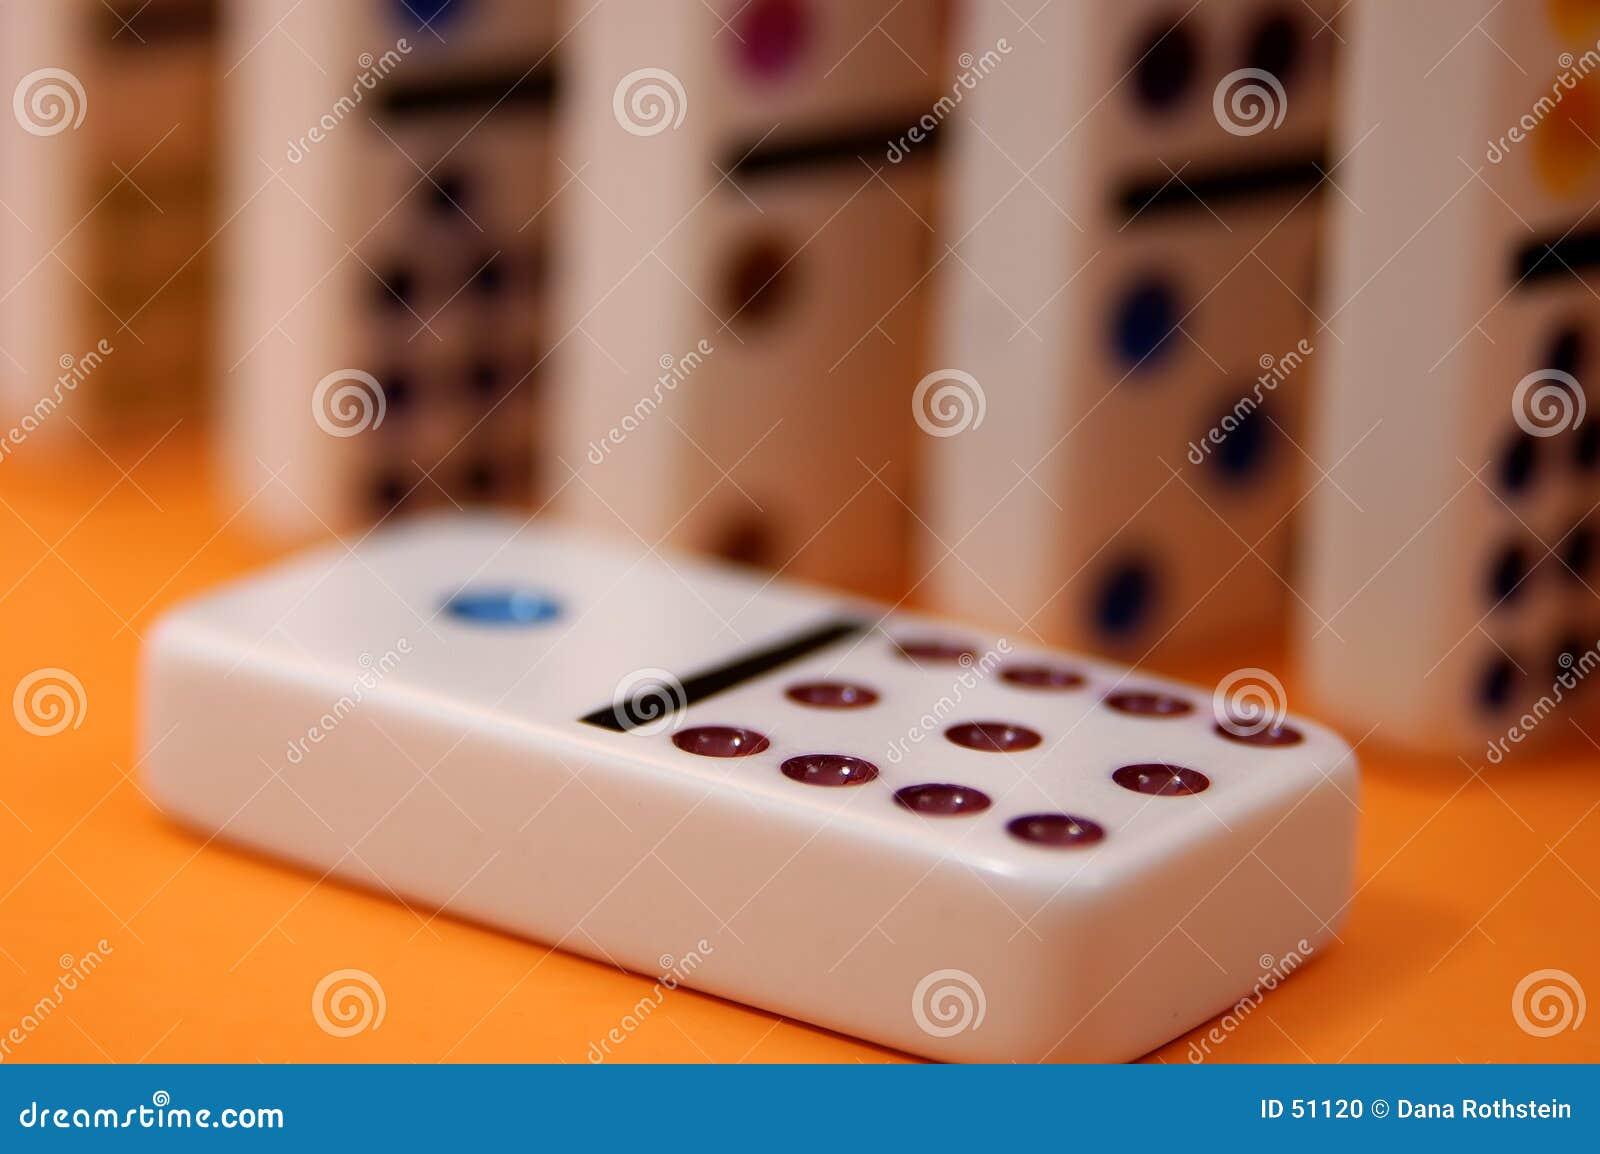 2 domino